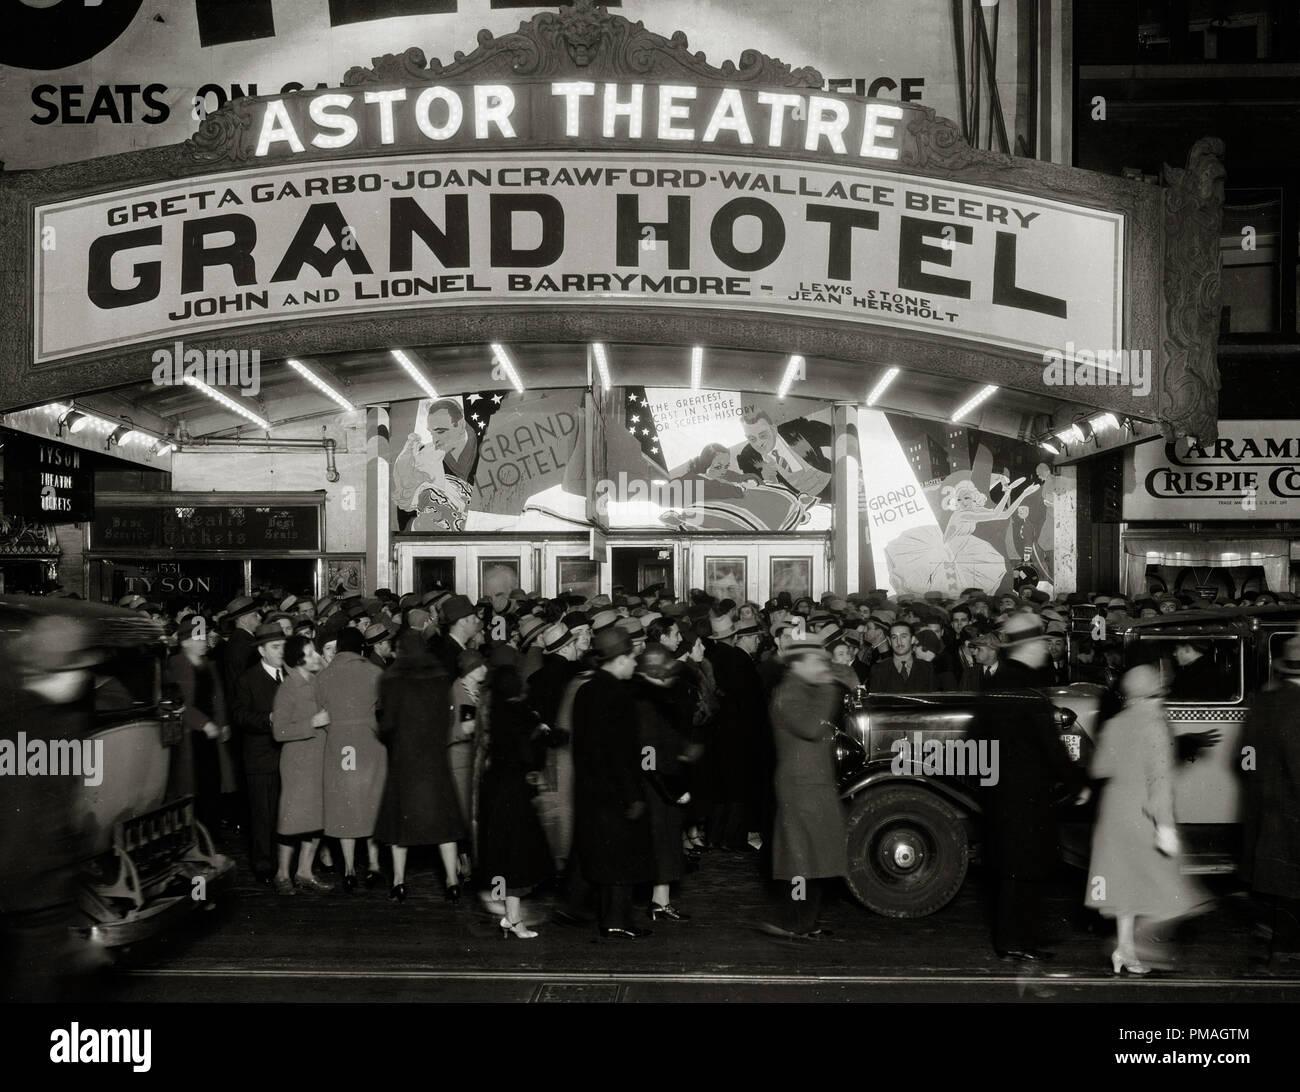 Die Astor Theater In New York Premieren Grand Hotel Mit Greta Garbo Ca 1932 Datei Referenz 32733 283 Tha Stockfotografie Alamy